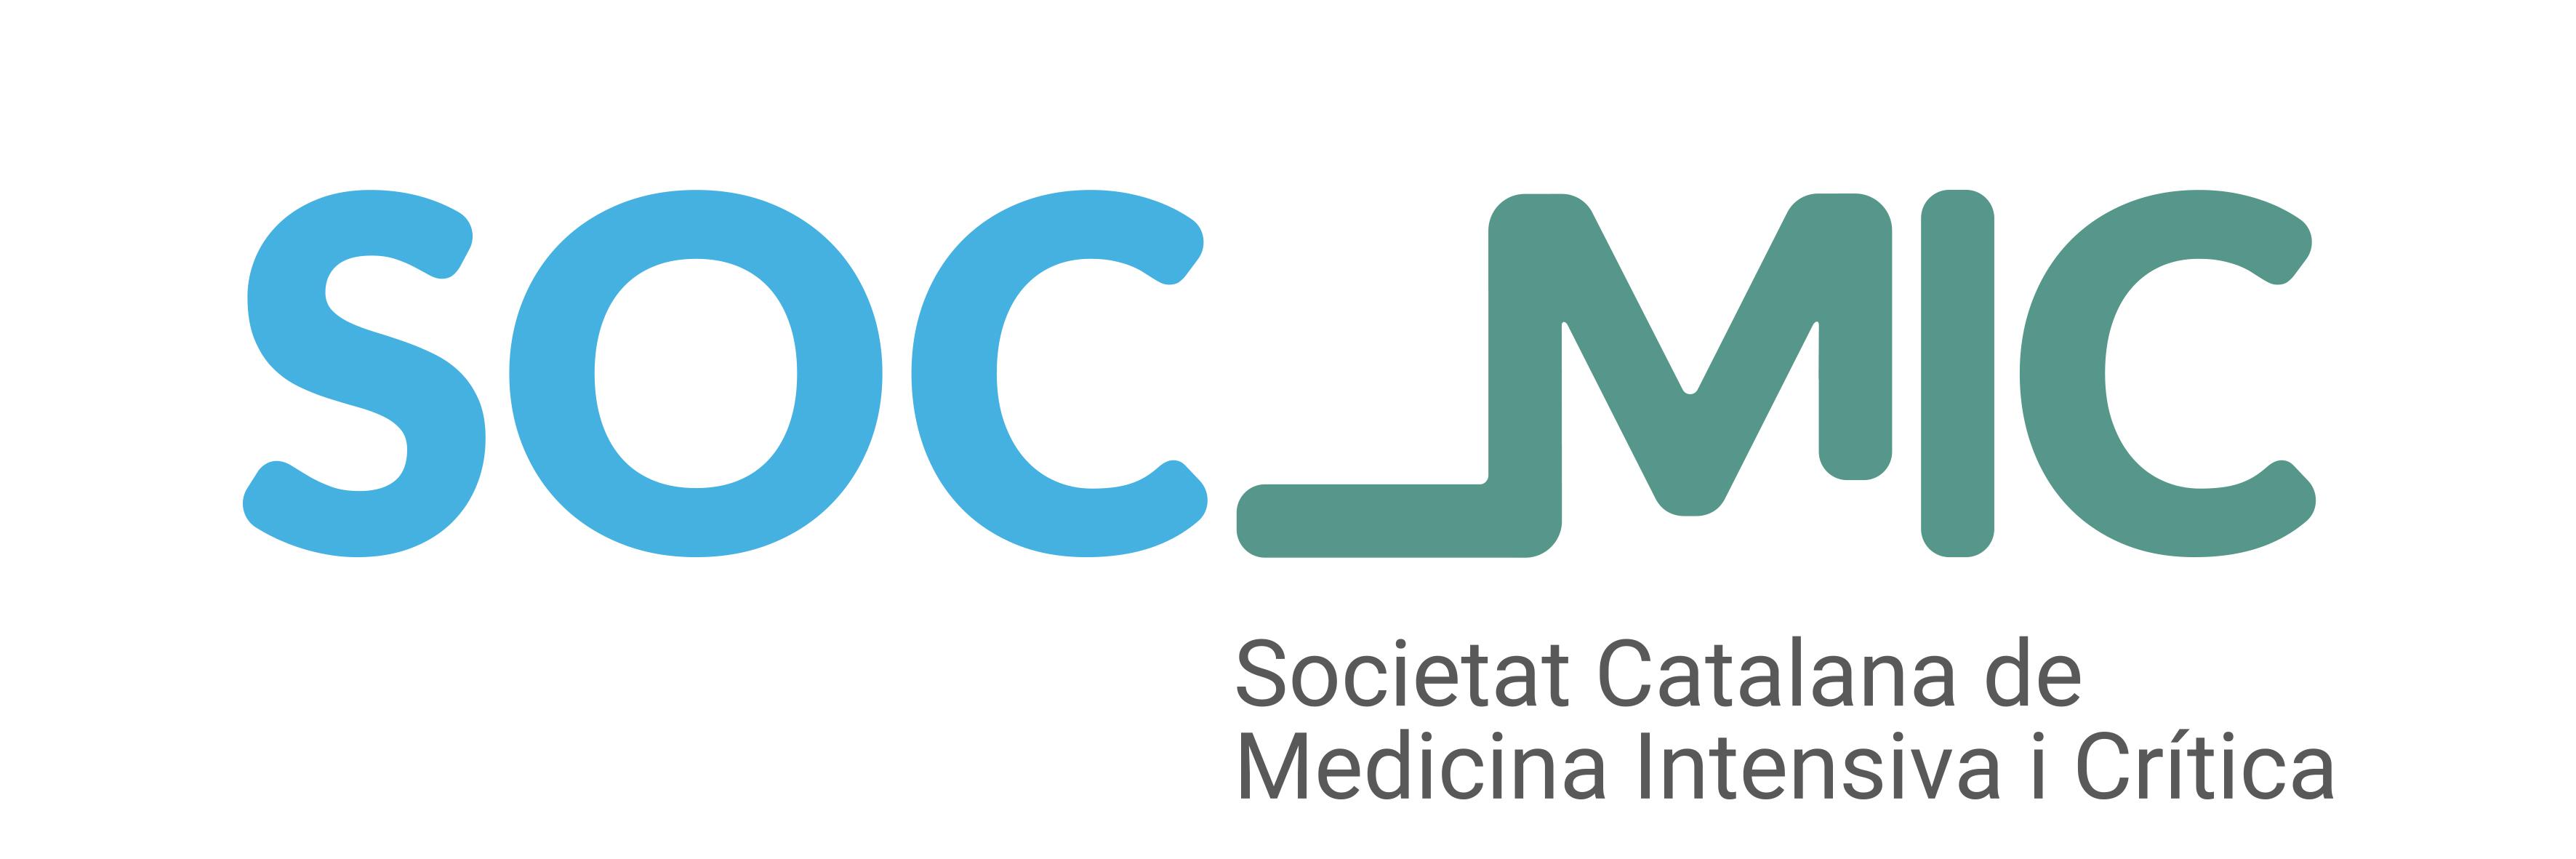 XXXIX Reunió de la Societat Catalana de Medicina Intensiva i Crítica - XXXV Jornades Catalanes d'Infermeria Intensiva i Crítica